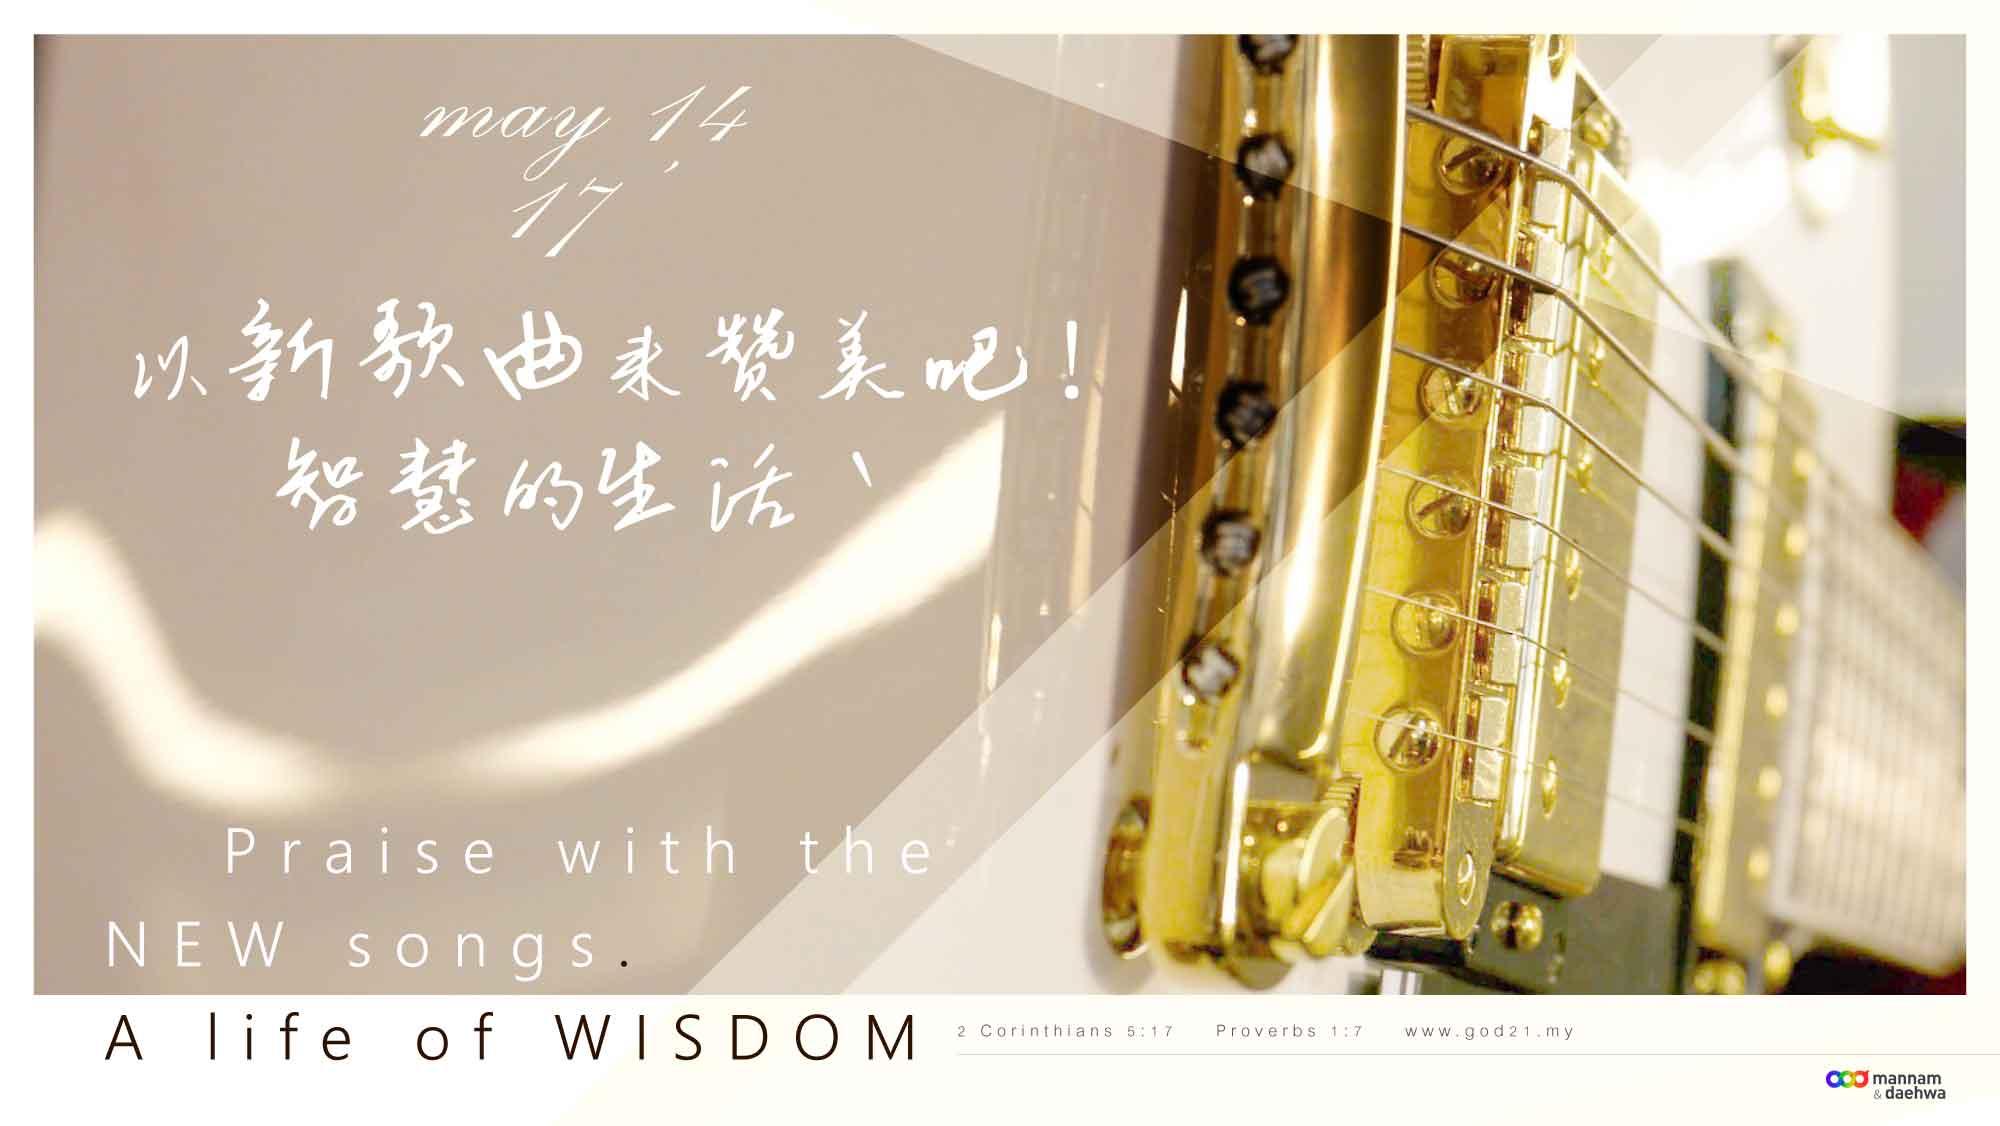 以新歌曲来赞美吧 智慧的生活